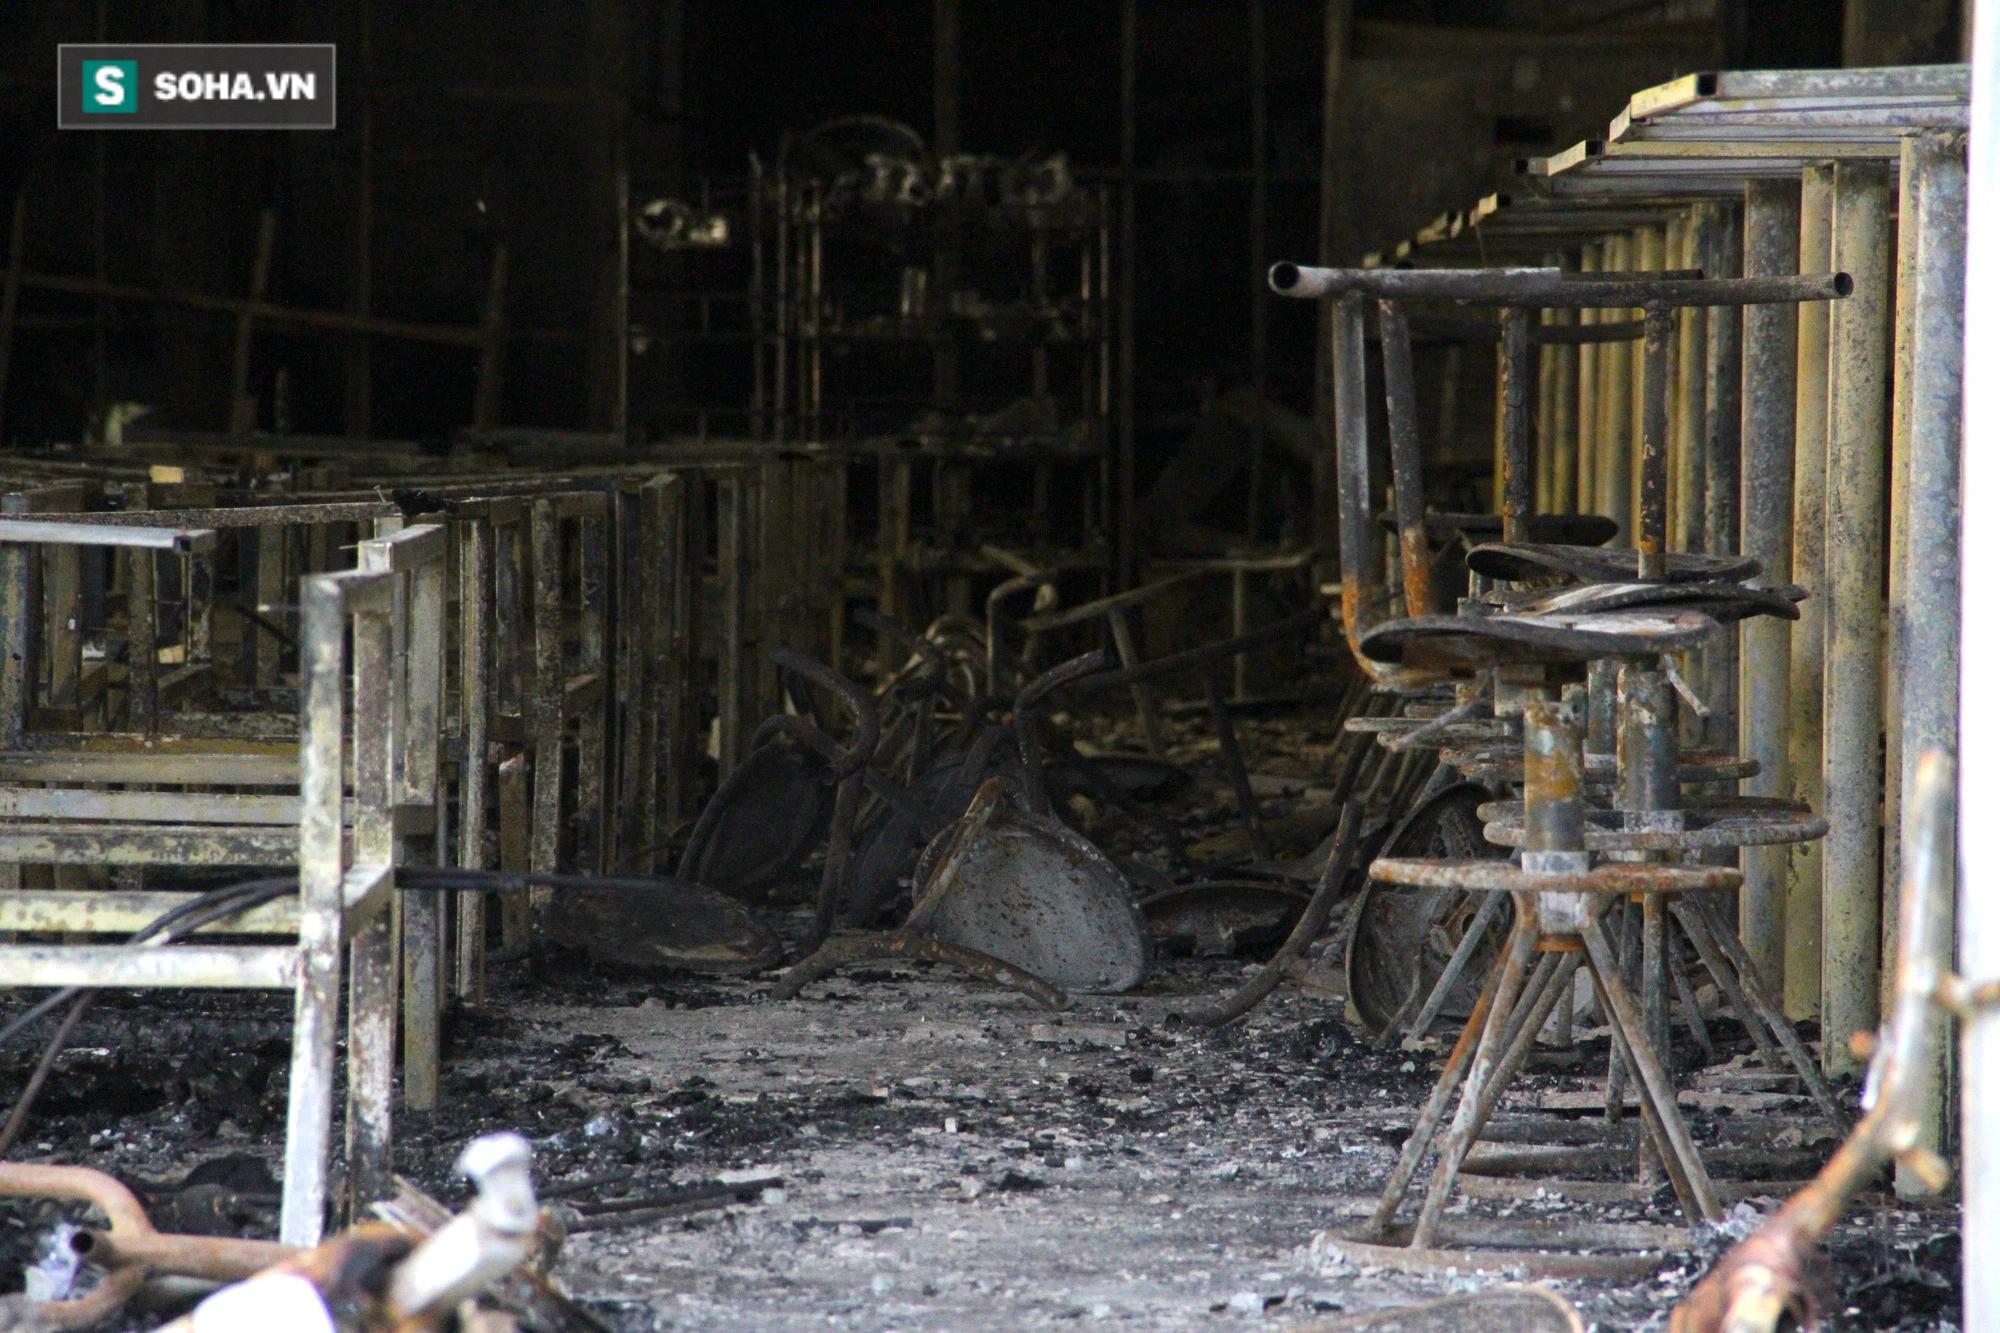 Cận cảnh hiện trường bên trong phòng trà bị cháy khiến 6 người tử vong ở Nghệ An - Ảnh 11.